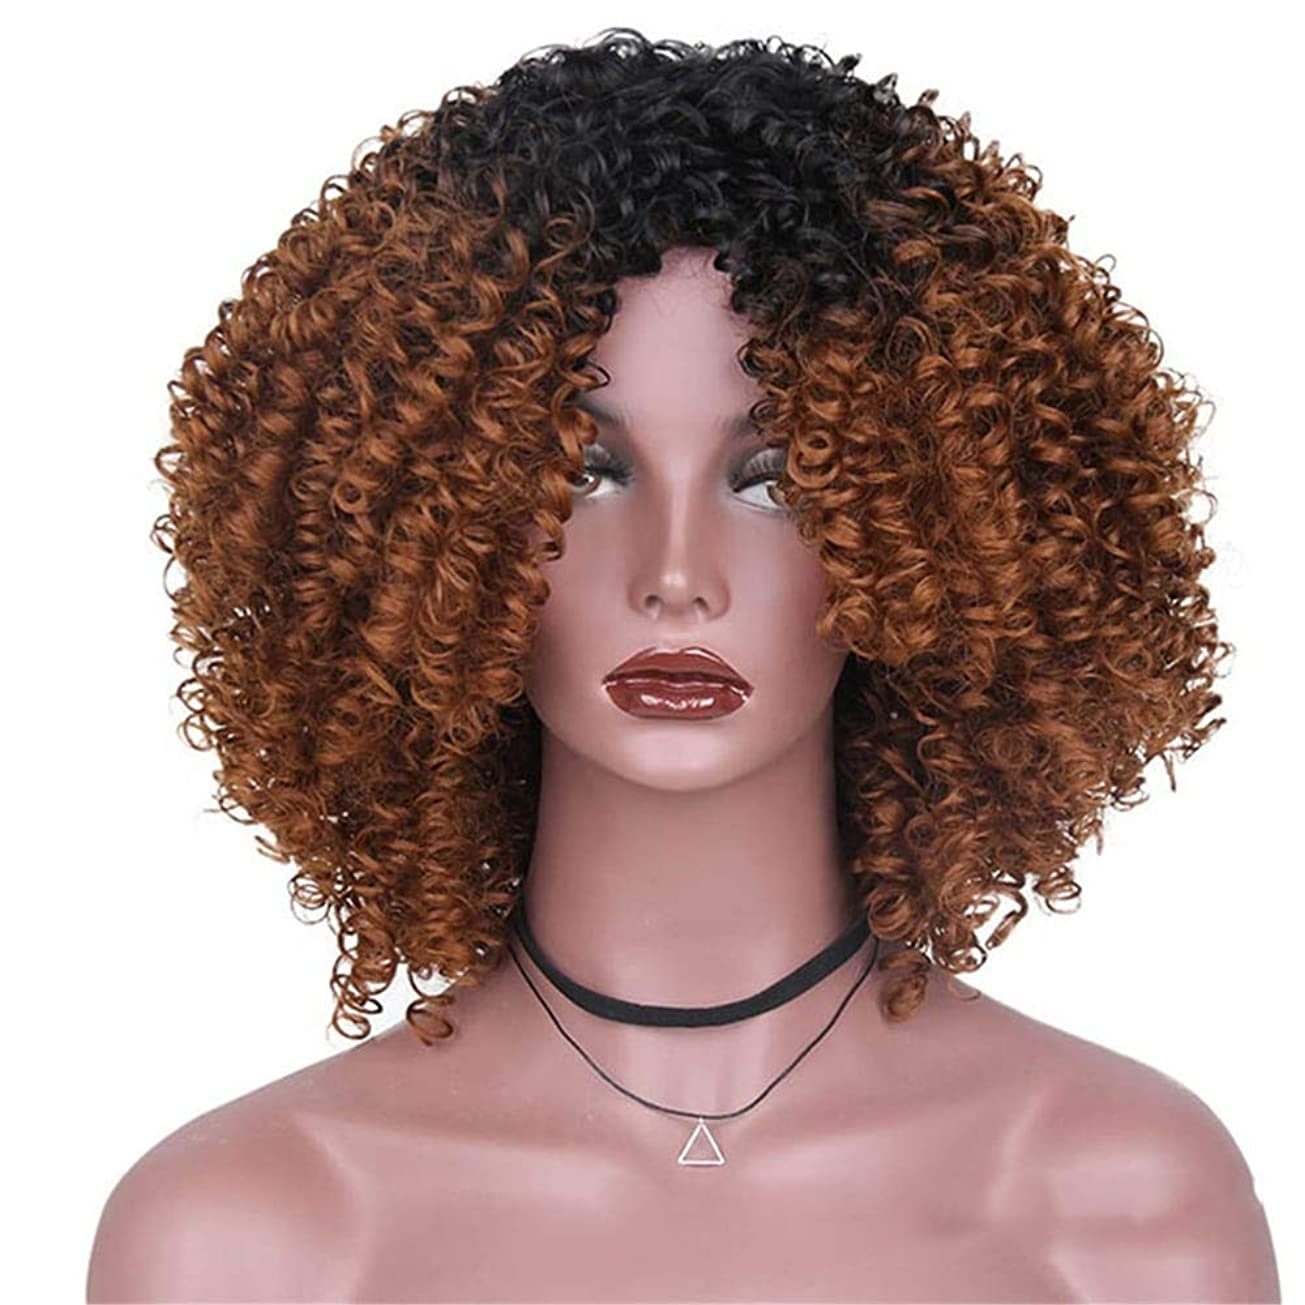 問い合わせるヘビーゴミBOBIDYEE 14インチのアフリカの黒人女性のグラデーションカラー爆発ヘッドふわふわの小さな波の髪のかつらパーティーかつら (色 : C-1)